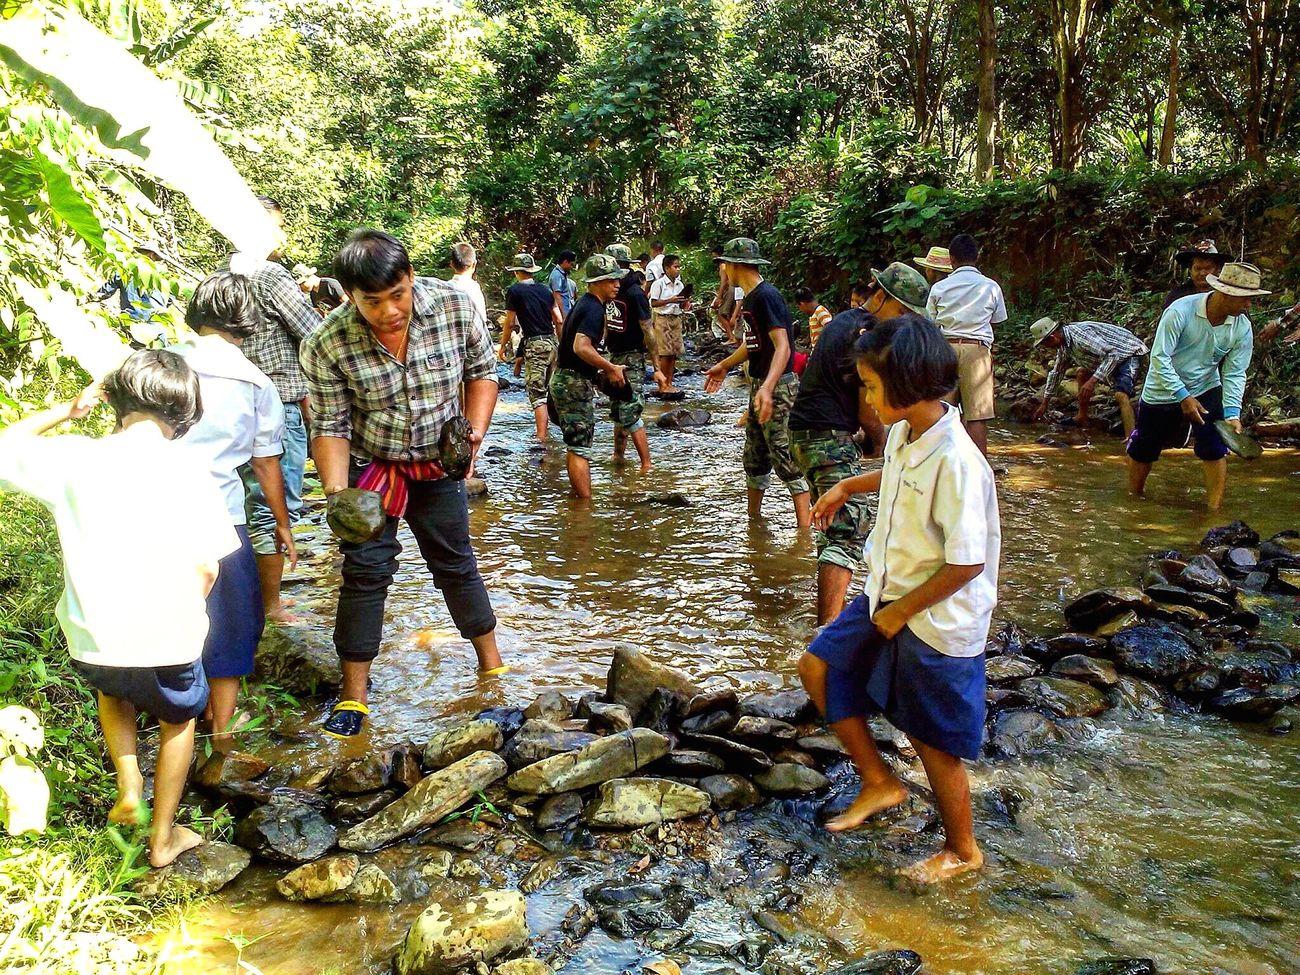 โครงการฝายชะลอน้ำเฉลิมพระเกียรติ ฯ Checkdam Taking Photos Helpful Harmony EyeEm Thailand EyeEm Nature Lover Nature Eye4photography  EyeEm Best Shots Stream Hello World Thailand